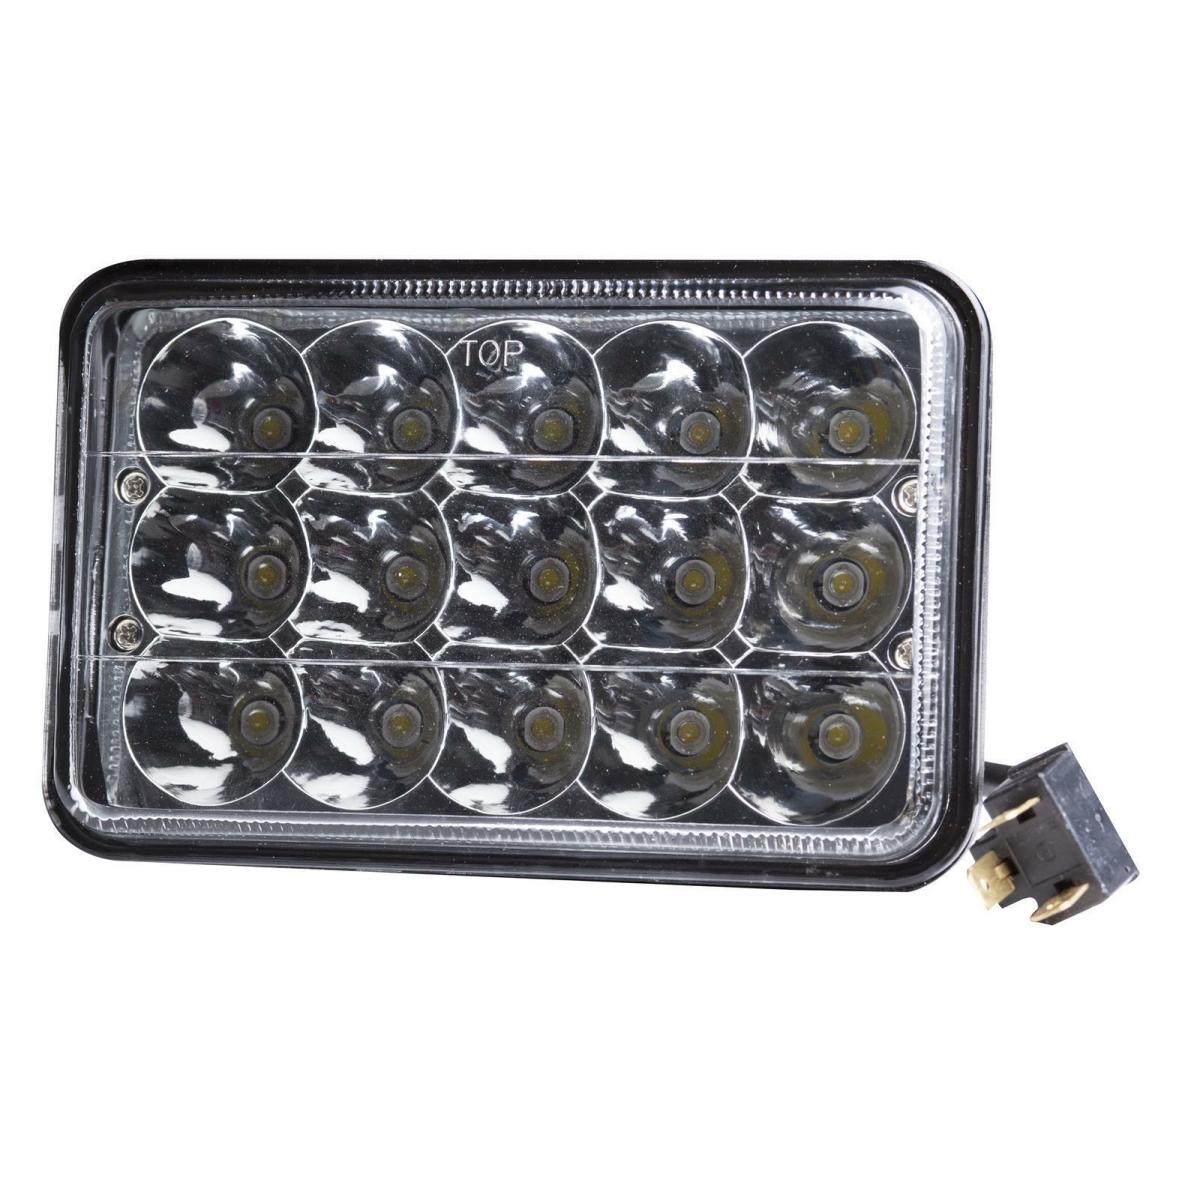 LED worklight LY8045C 12V 24V square black